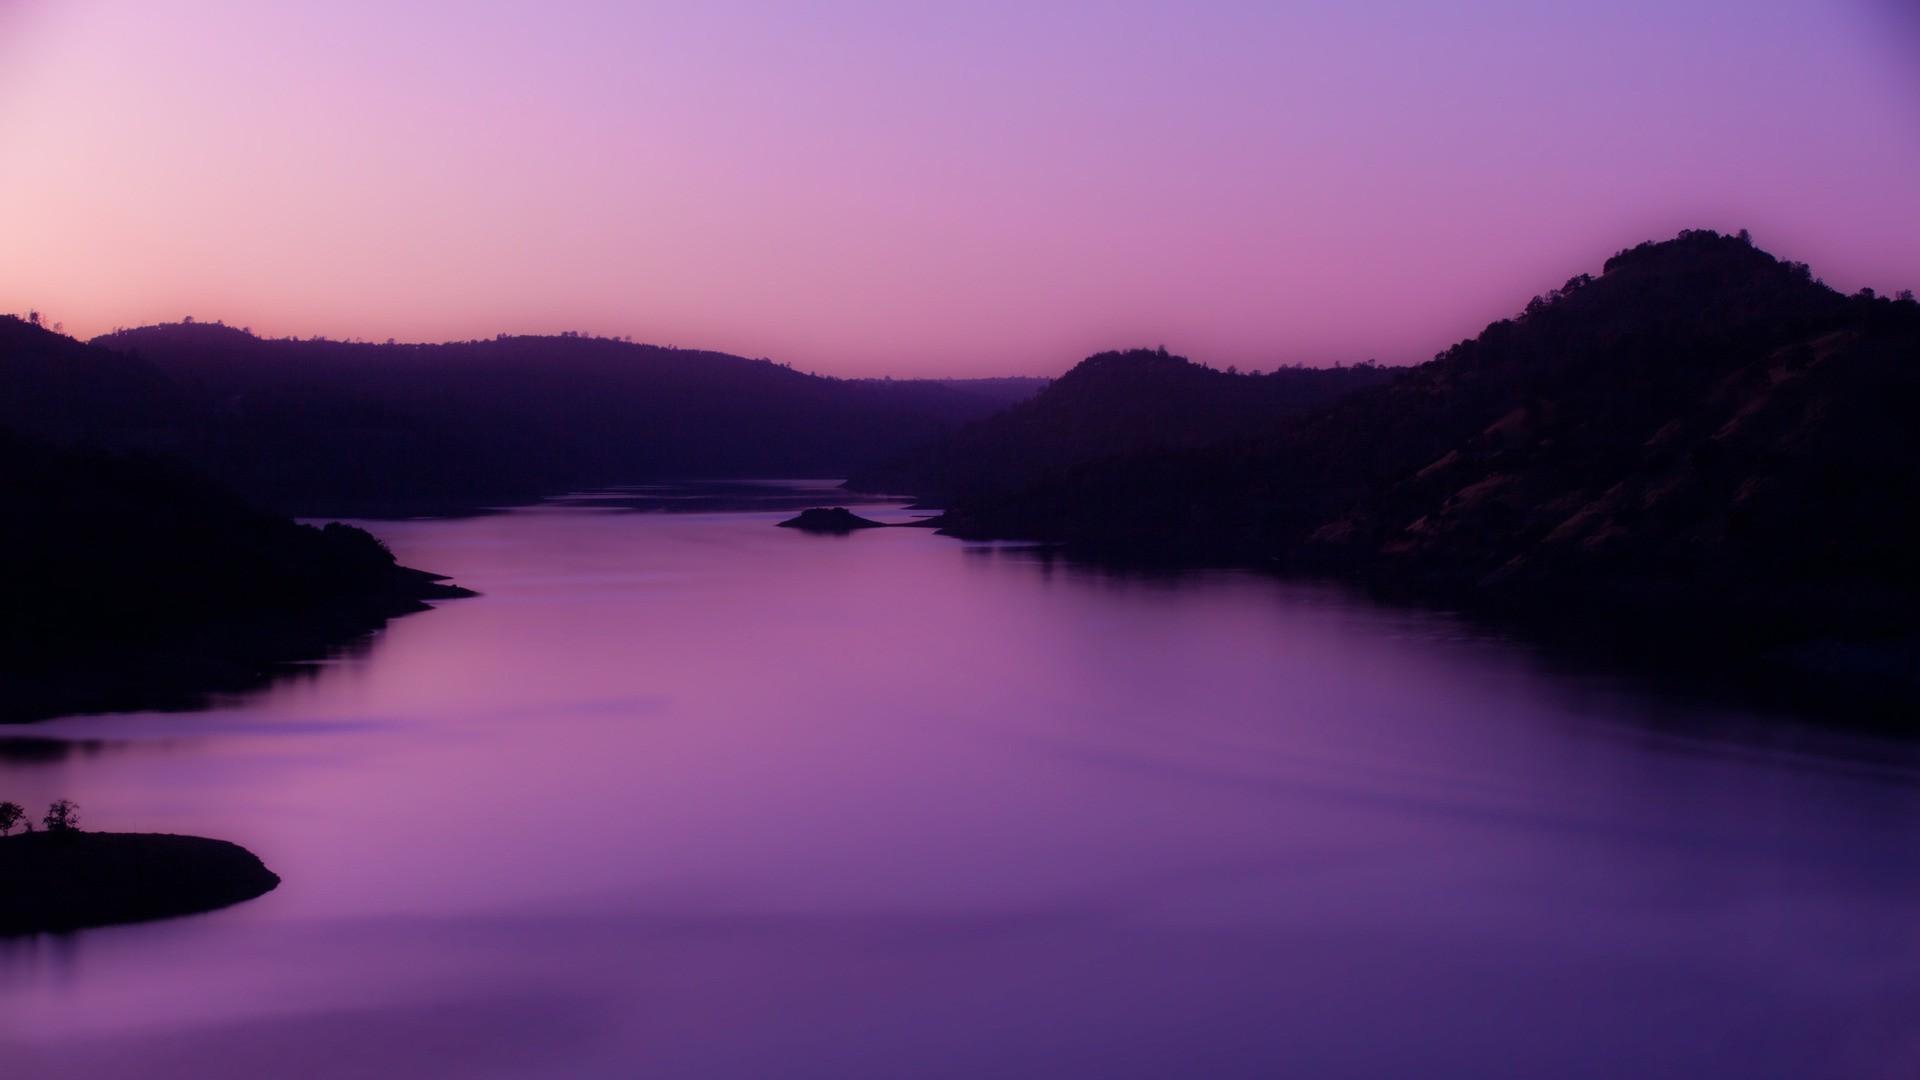 Фиолетовая картинка на рабочий стол